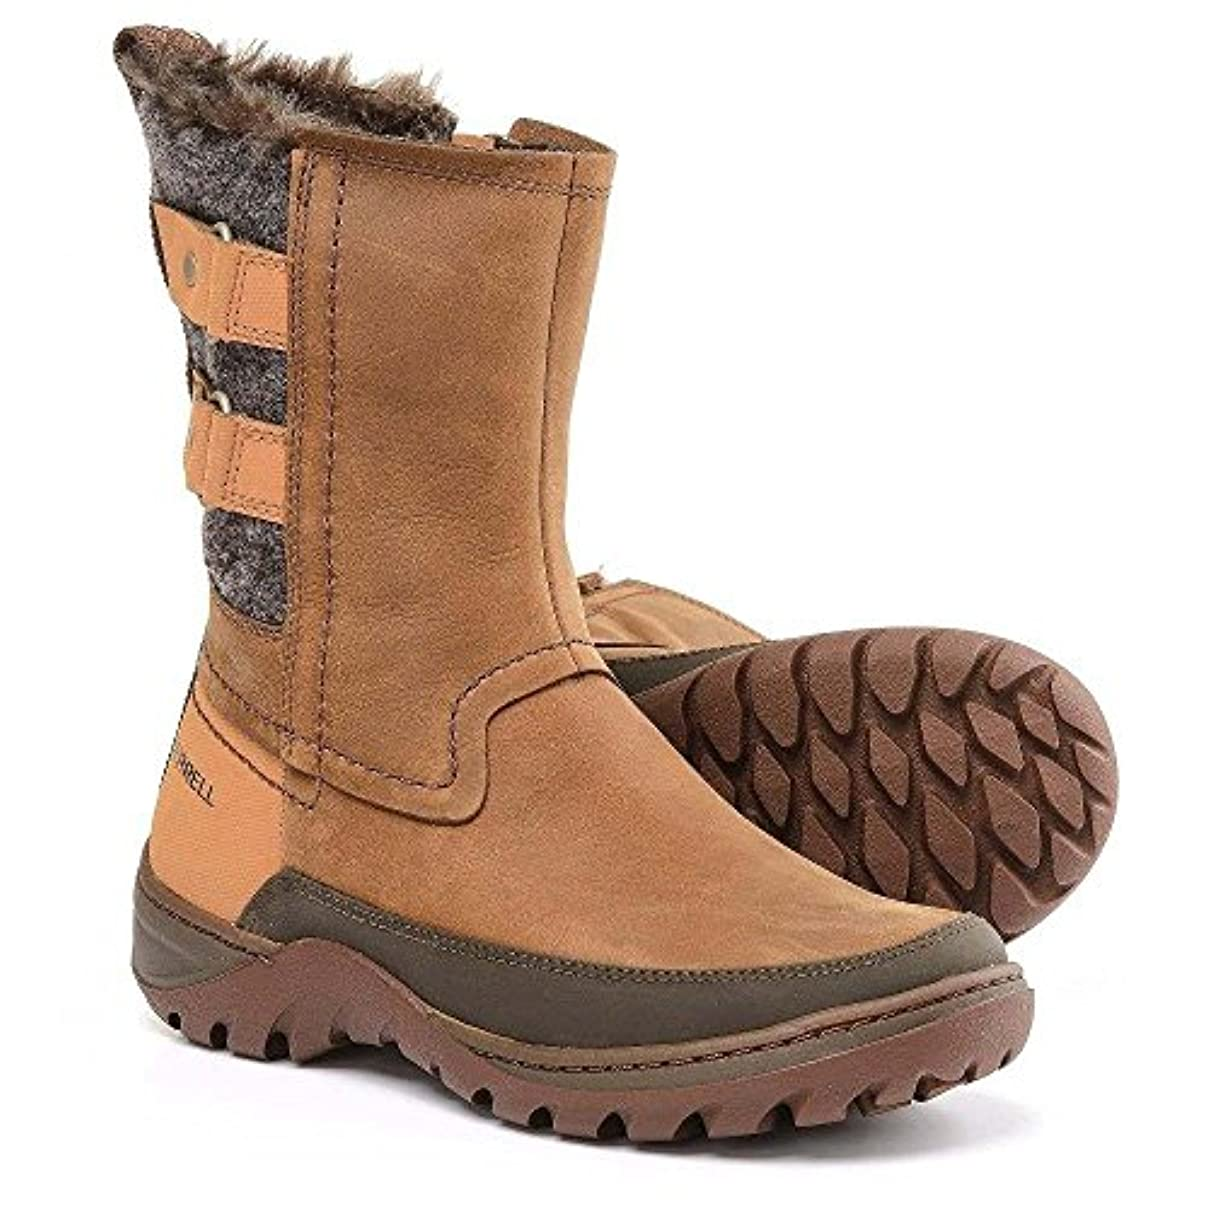 誘発する間違えた旧正月(メレル) Merrell レディース シューズ?靴 ブーツ Sylva Mid Buckle Winter Boots - Waterproof, Insulated [並行輸入品]